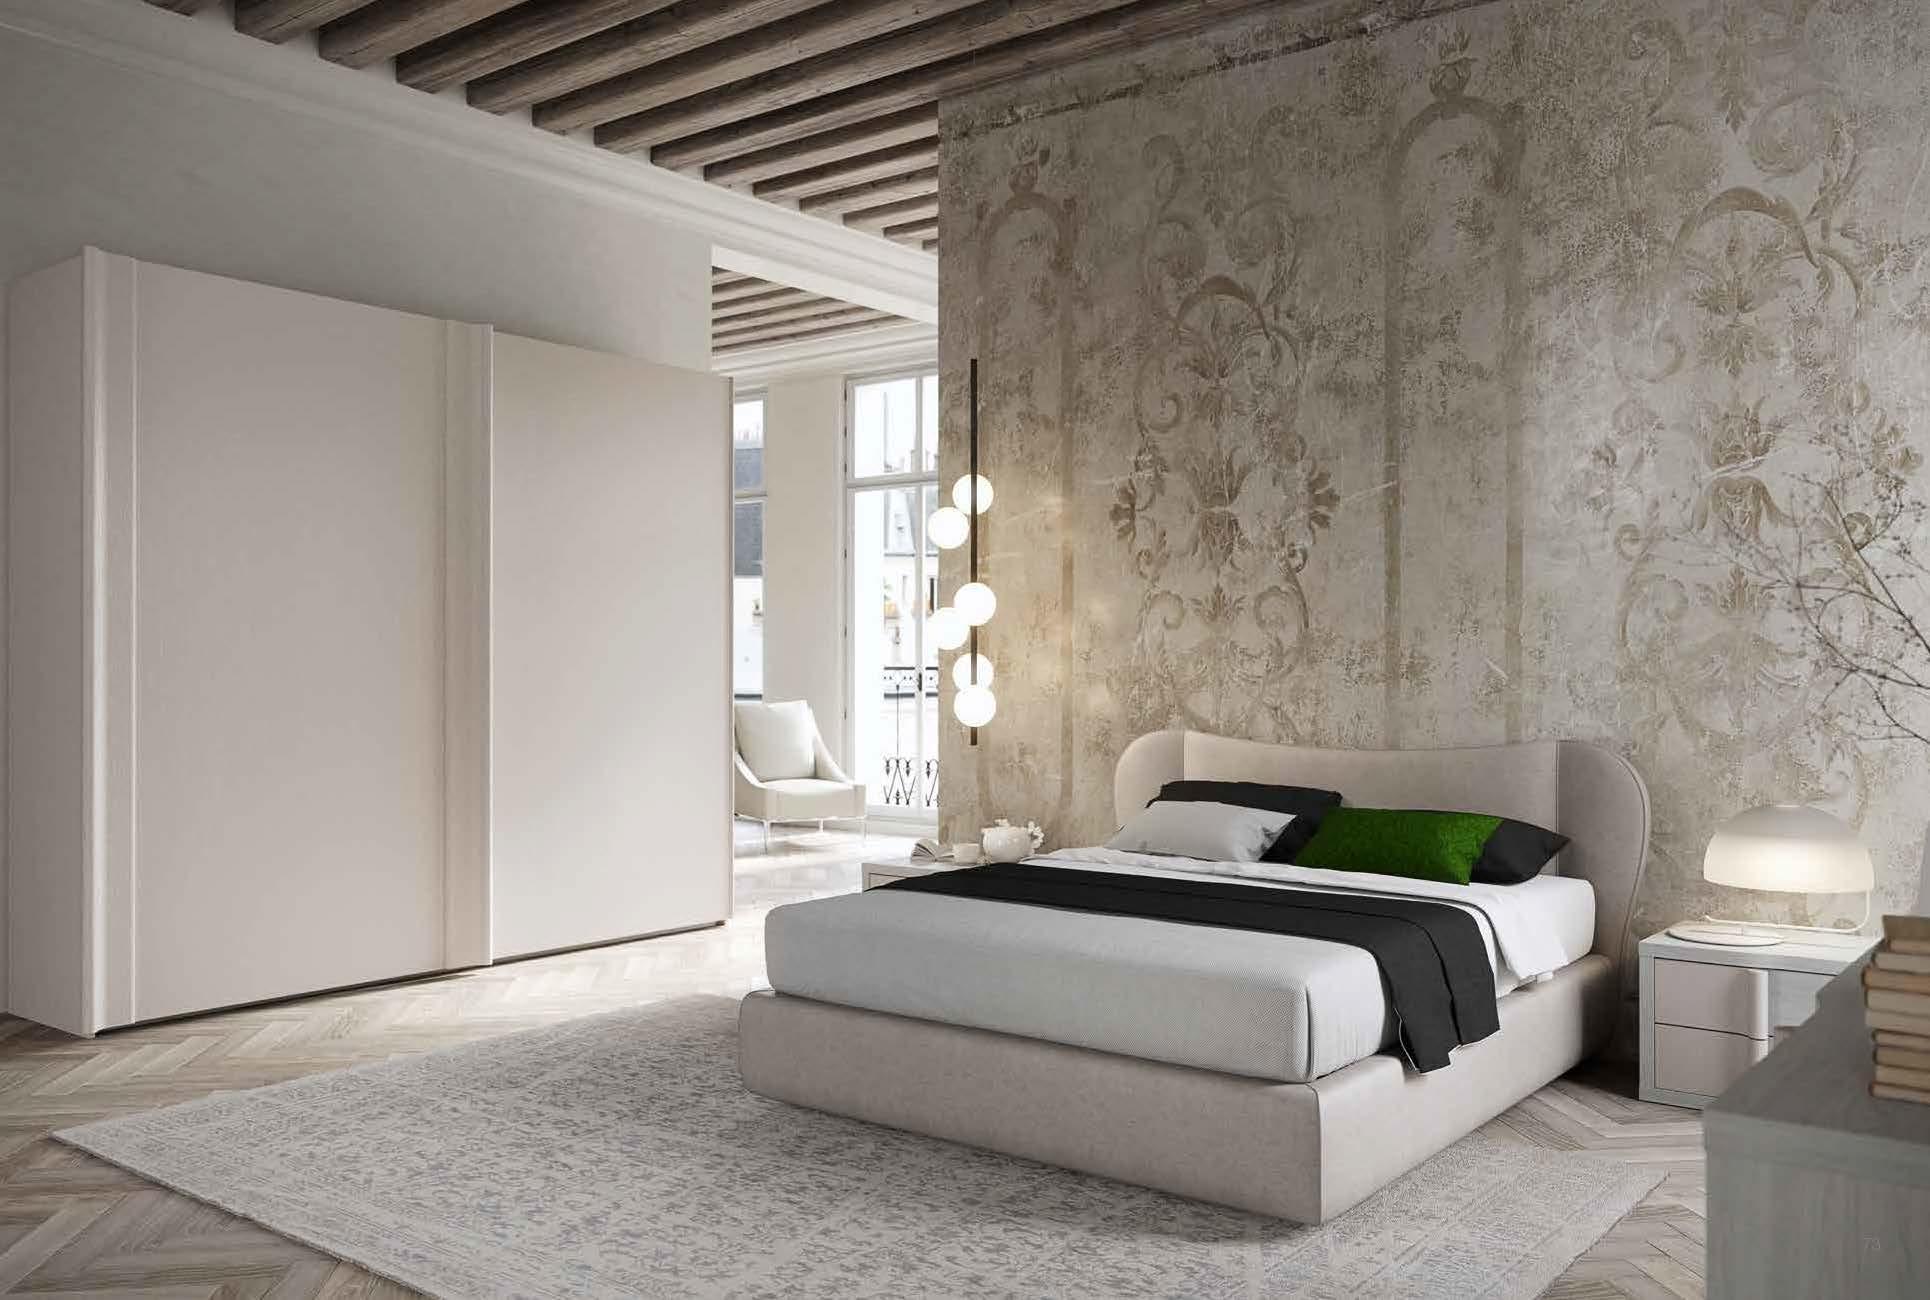 Camere Da Letto Perignano.Camere Da Letto Complete Zona Notte Gruppo Gradi